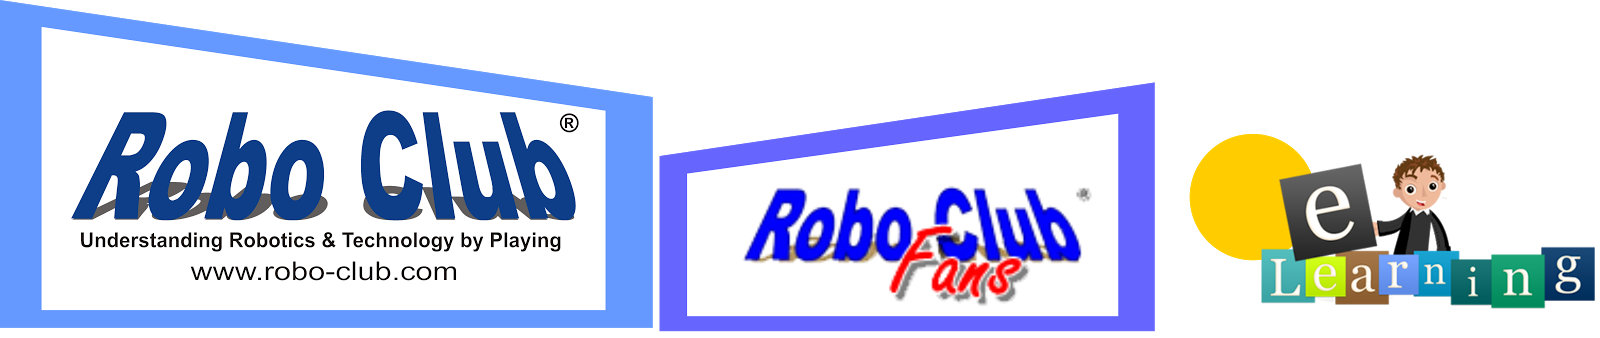 ROBO CLUB